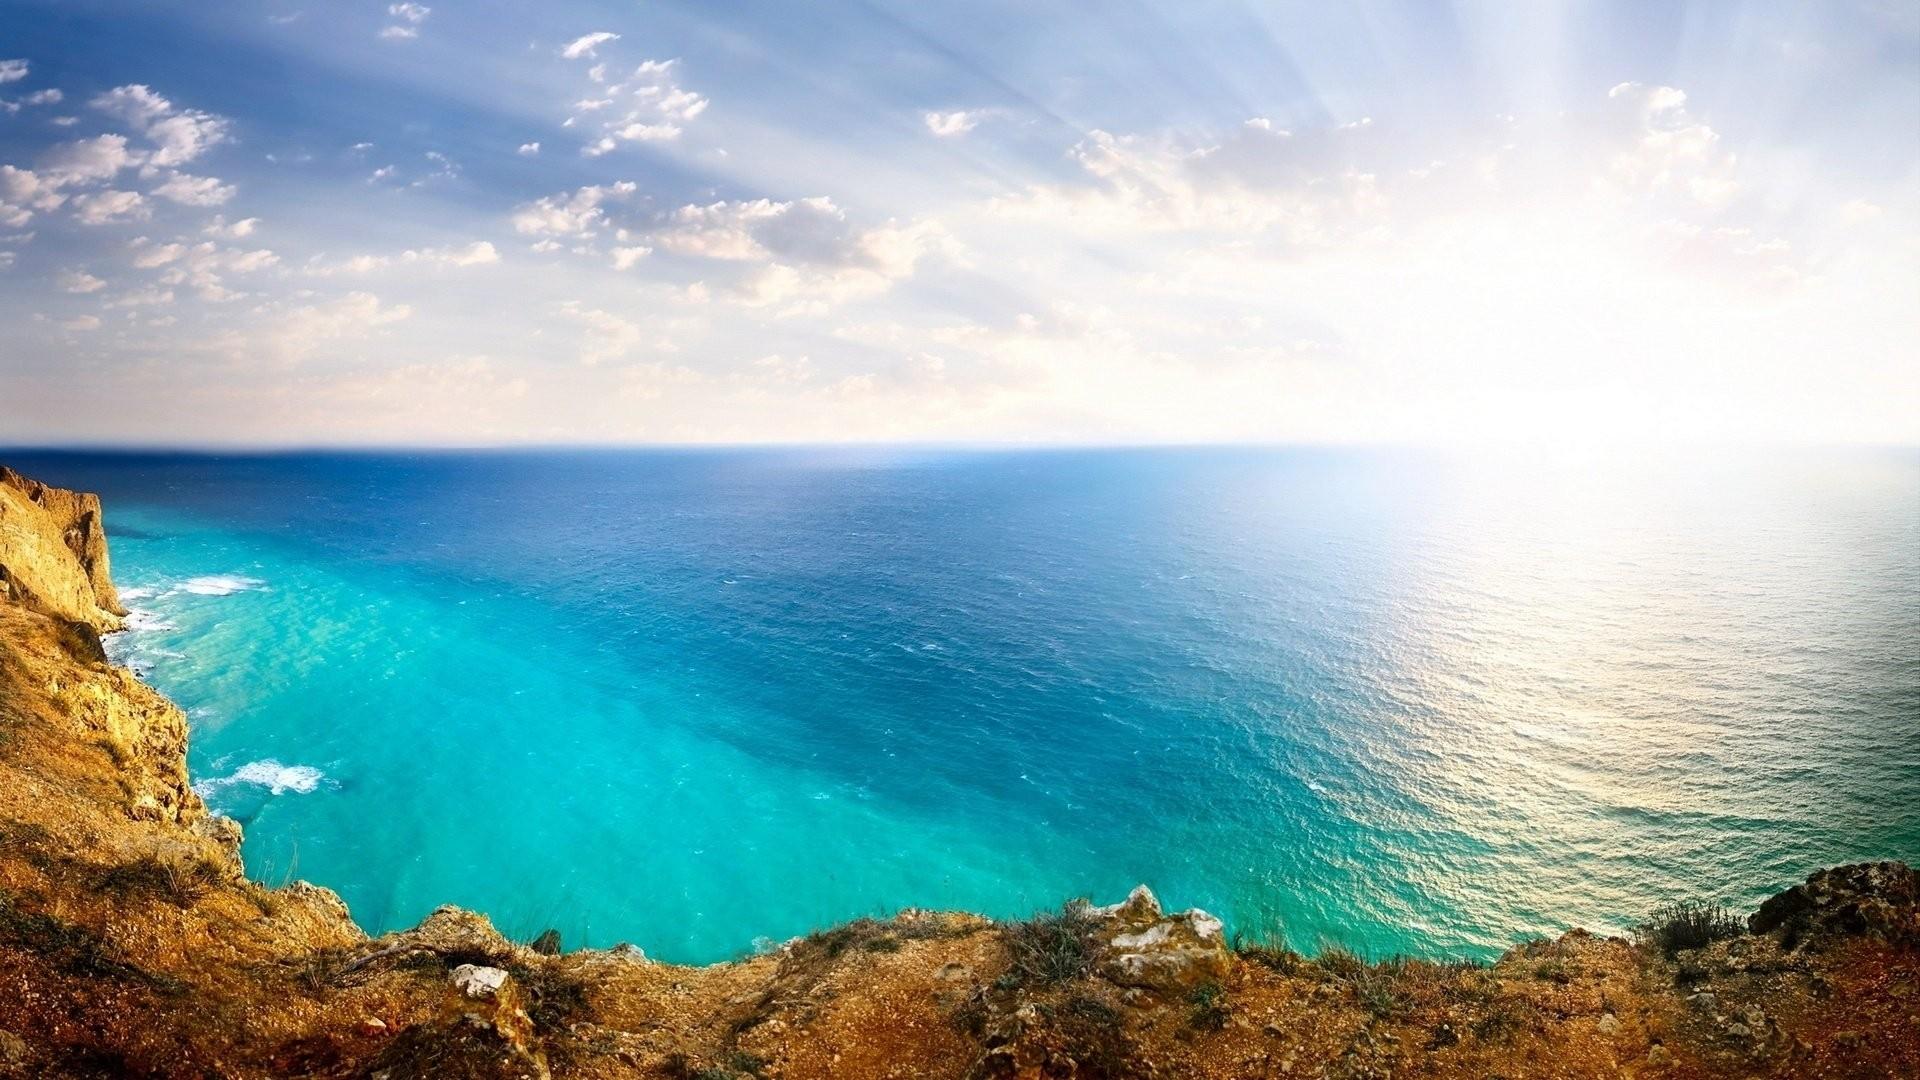 Ocean Nature Free Wallpaper